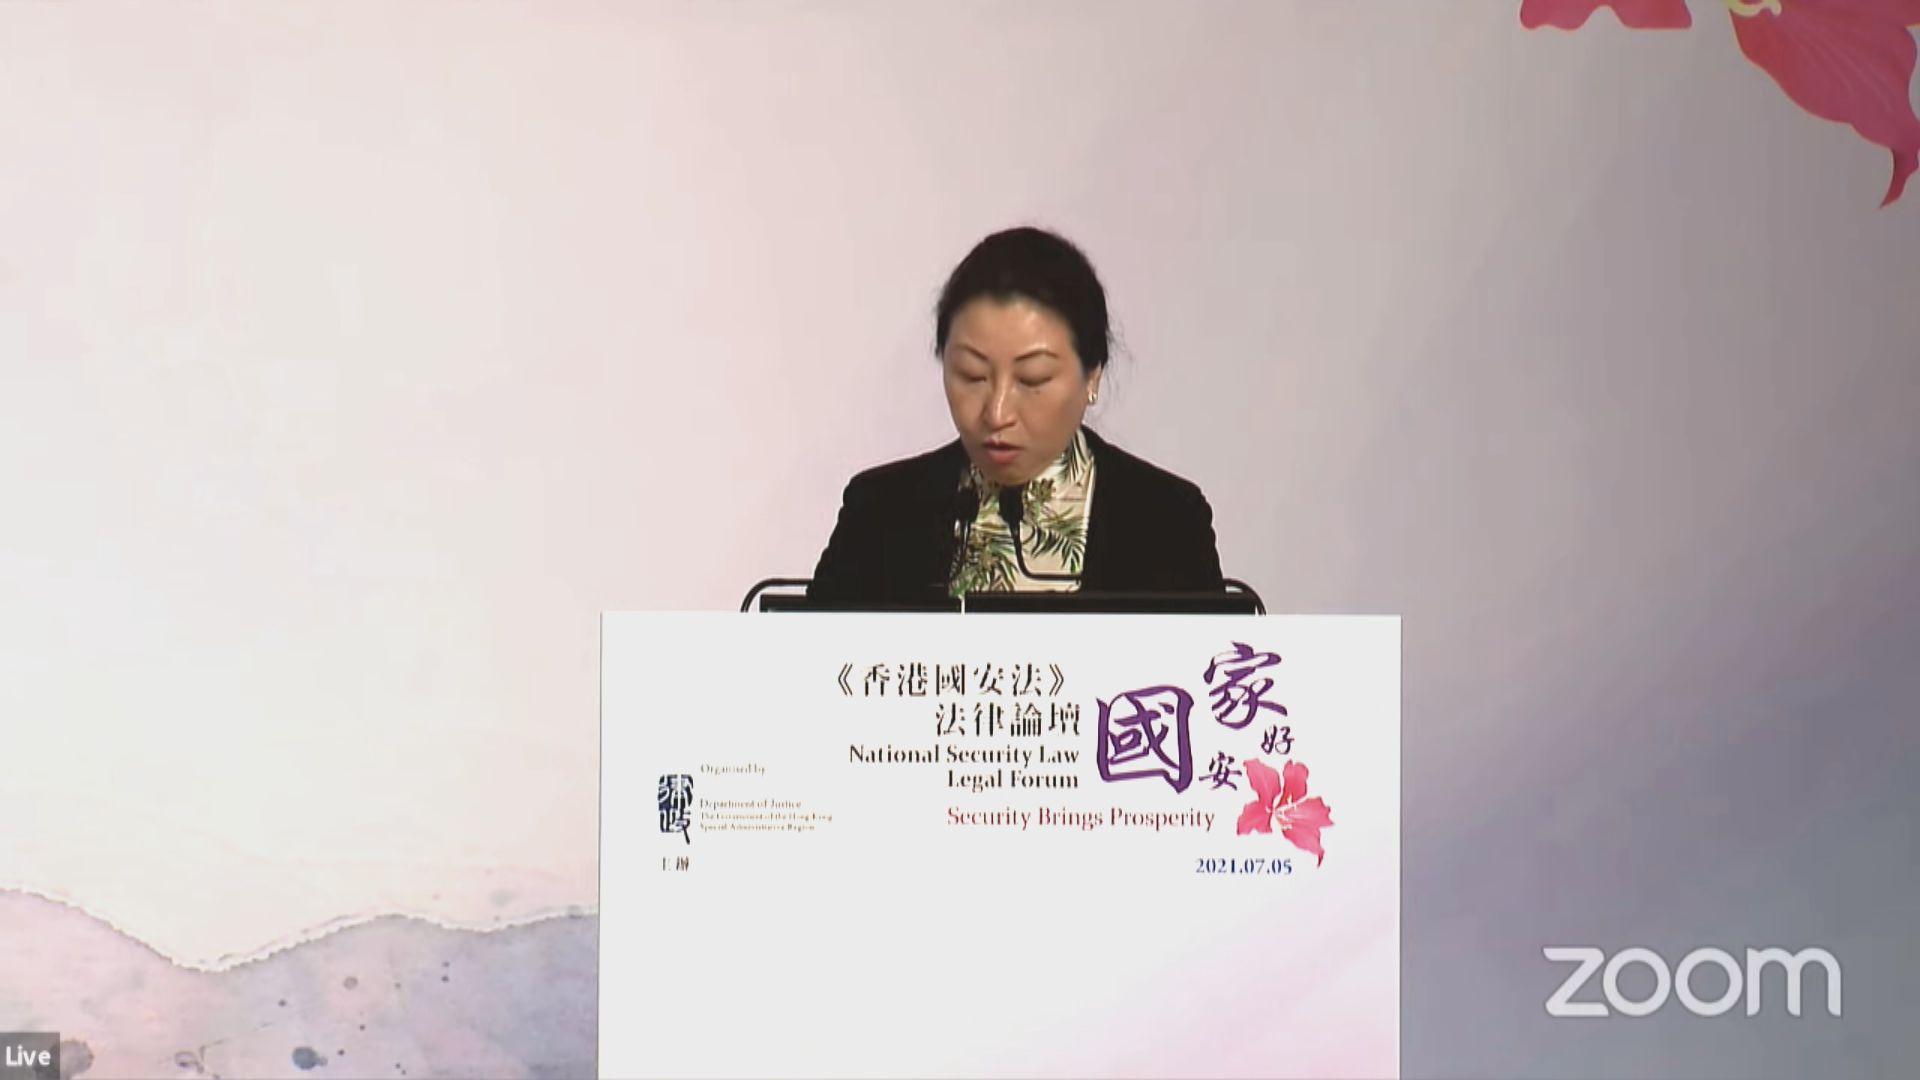 鄭若驊:行使新聞自由有責任義務 須真誠提供準確資訊